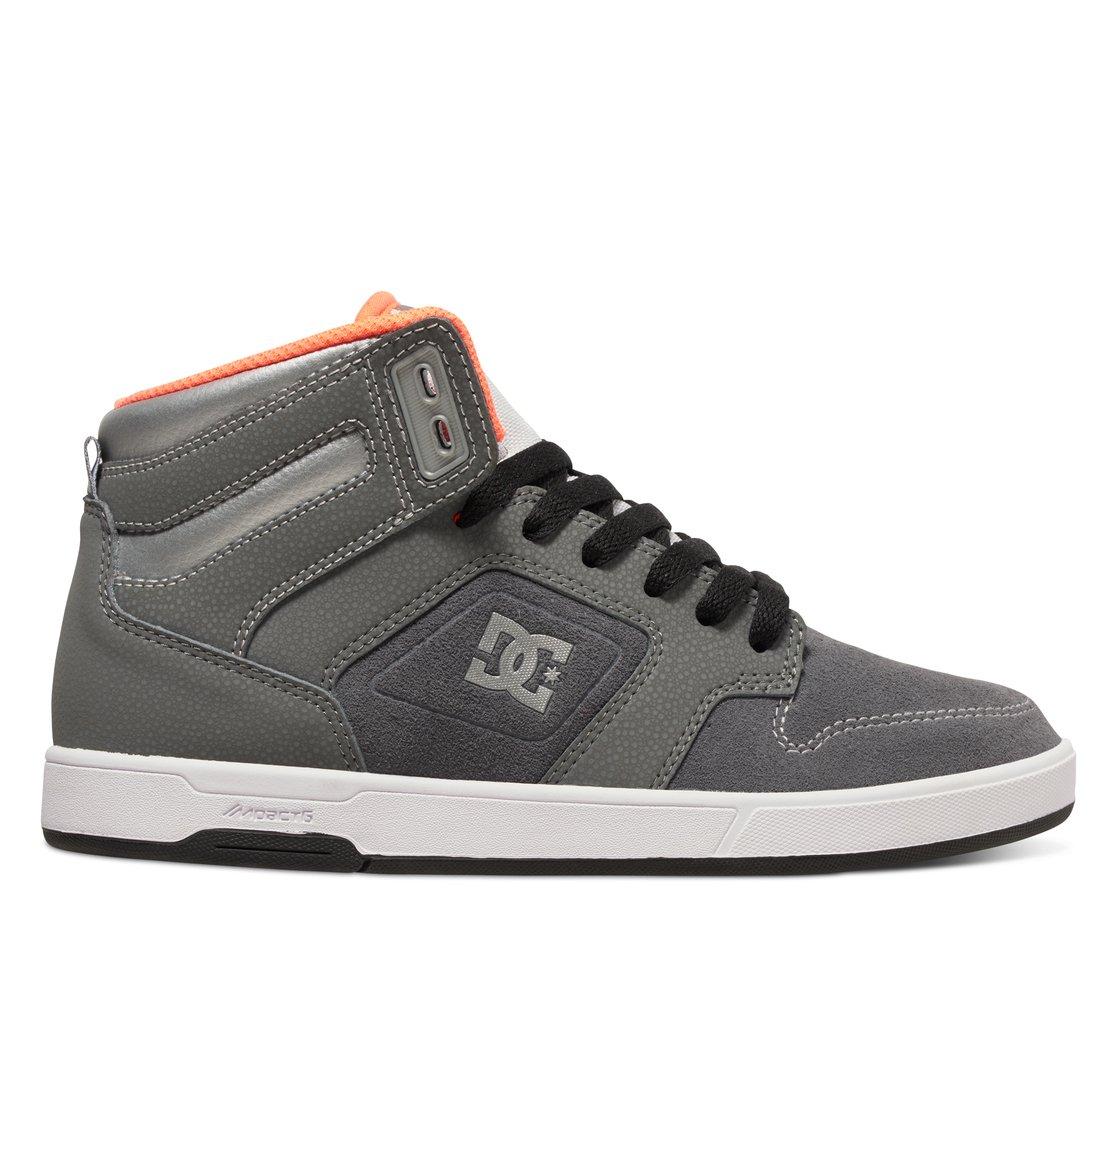 FOOTWEAR - High-tops & sneakers Judari EMnttrB1y